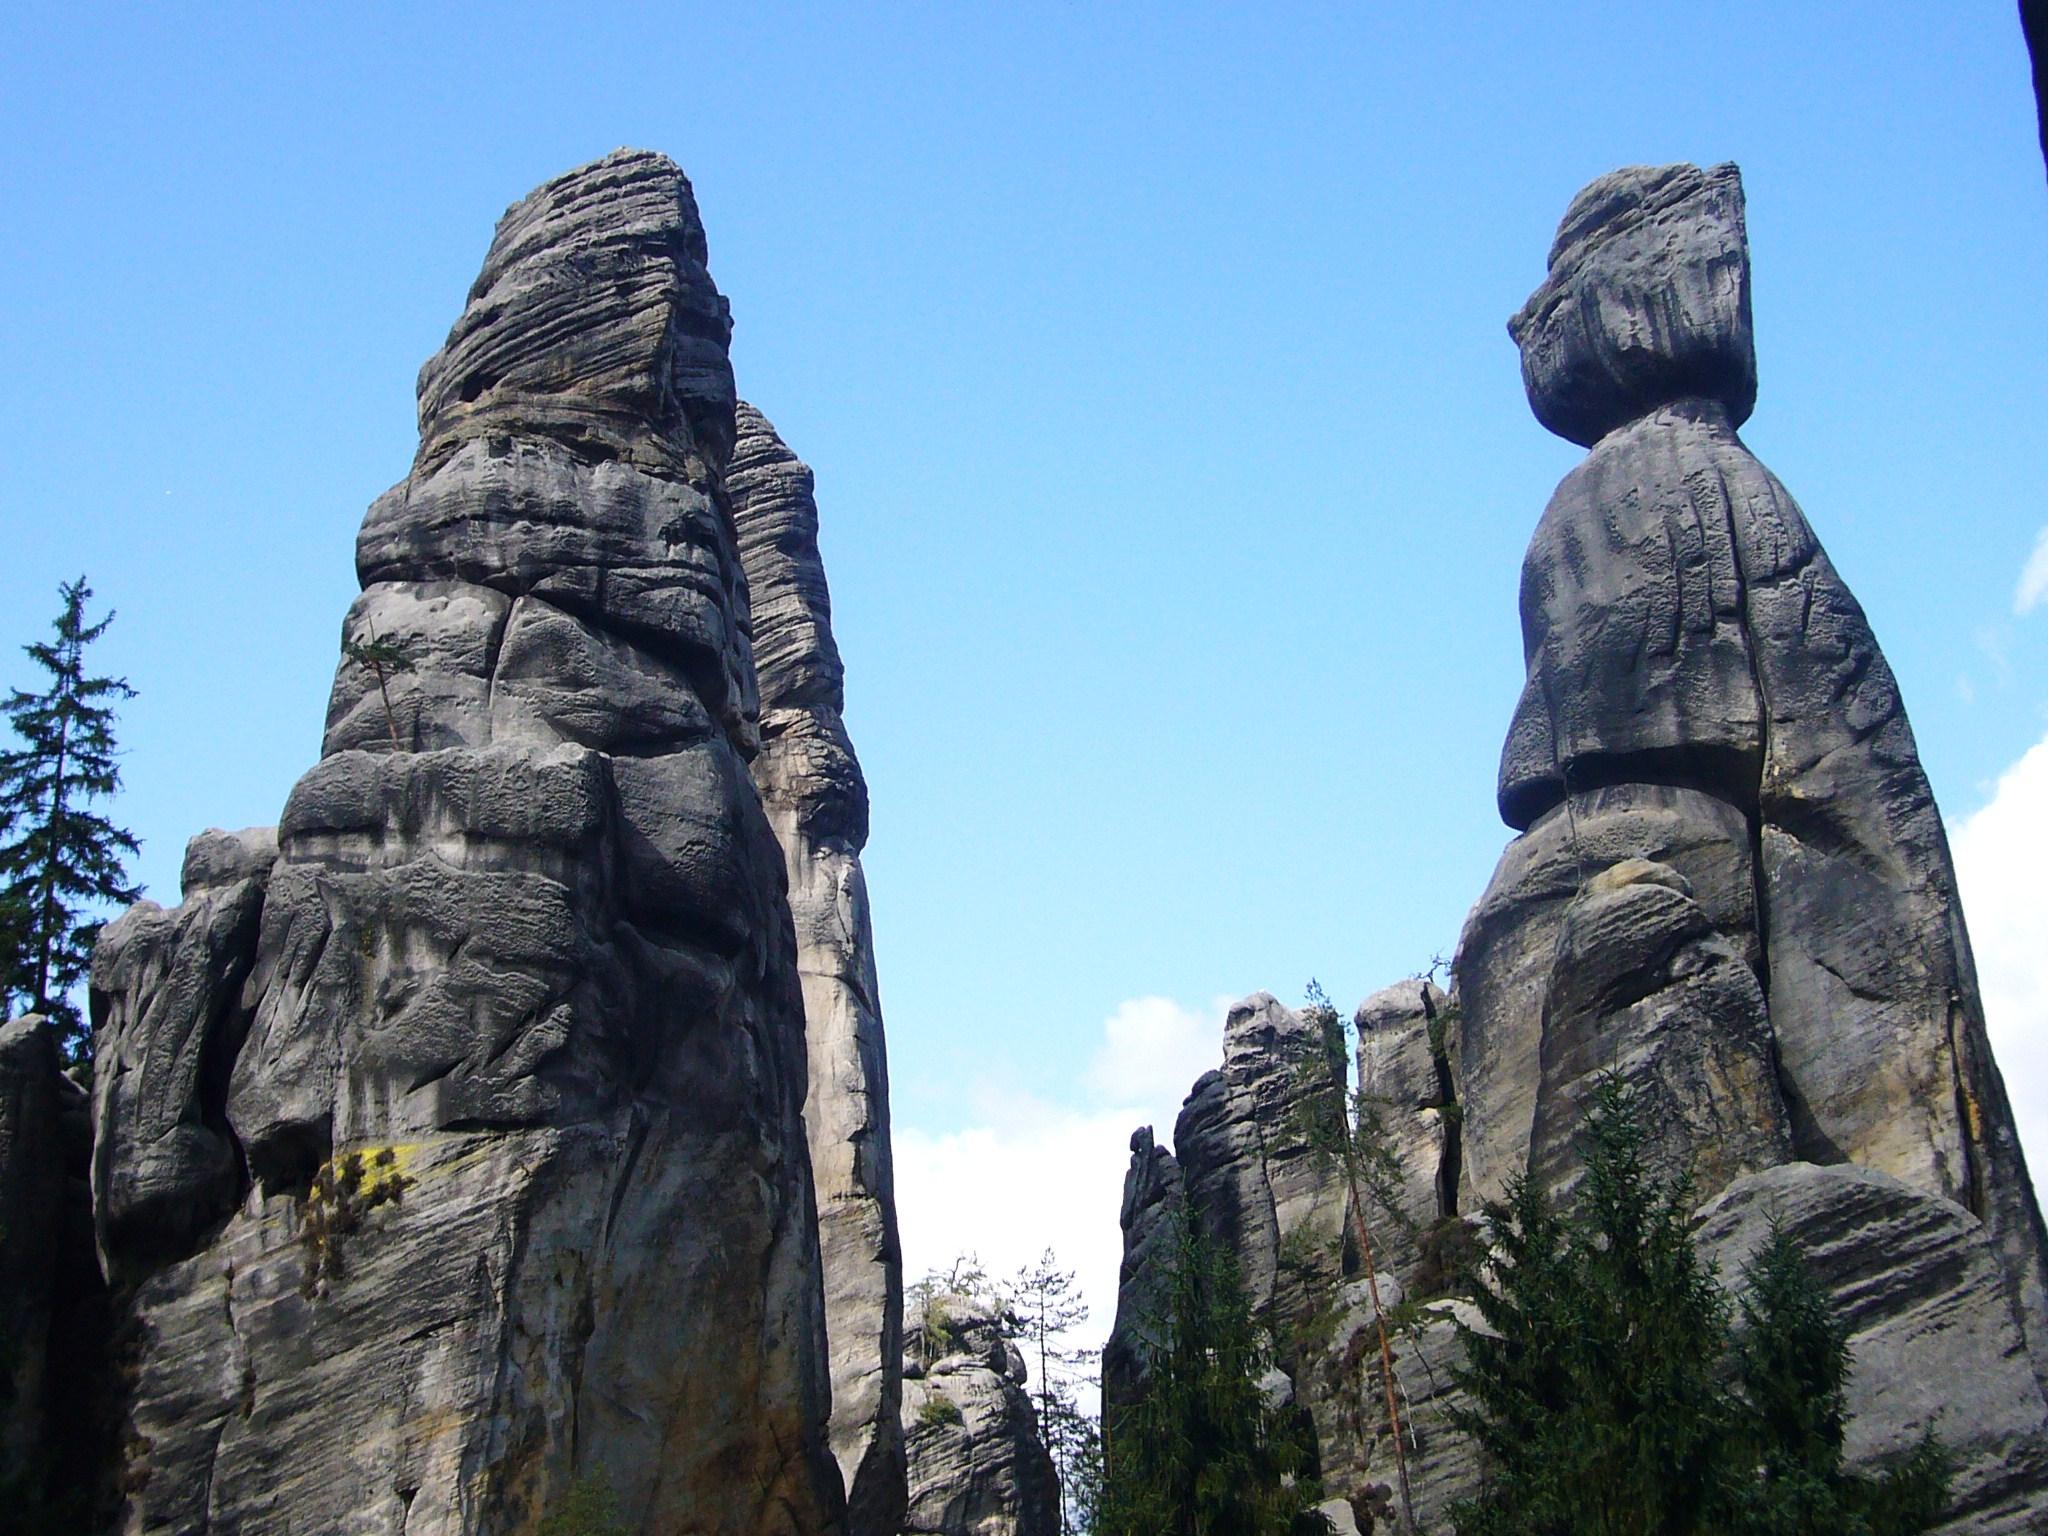 Kam s dětmi na výlet? Vyrazte do překrásné přírody českých skal